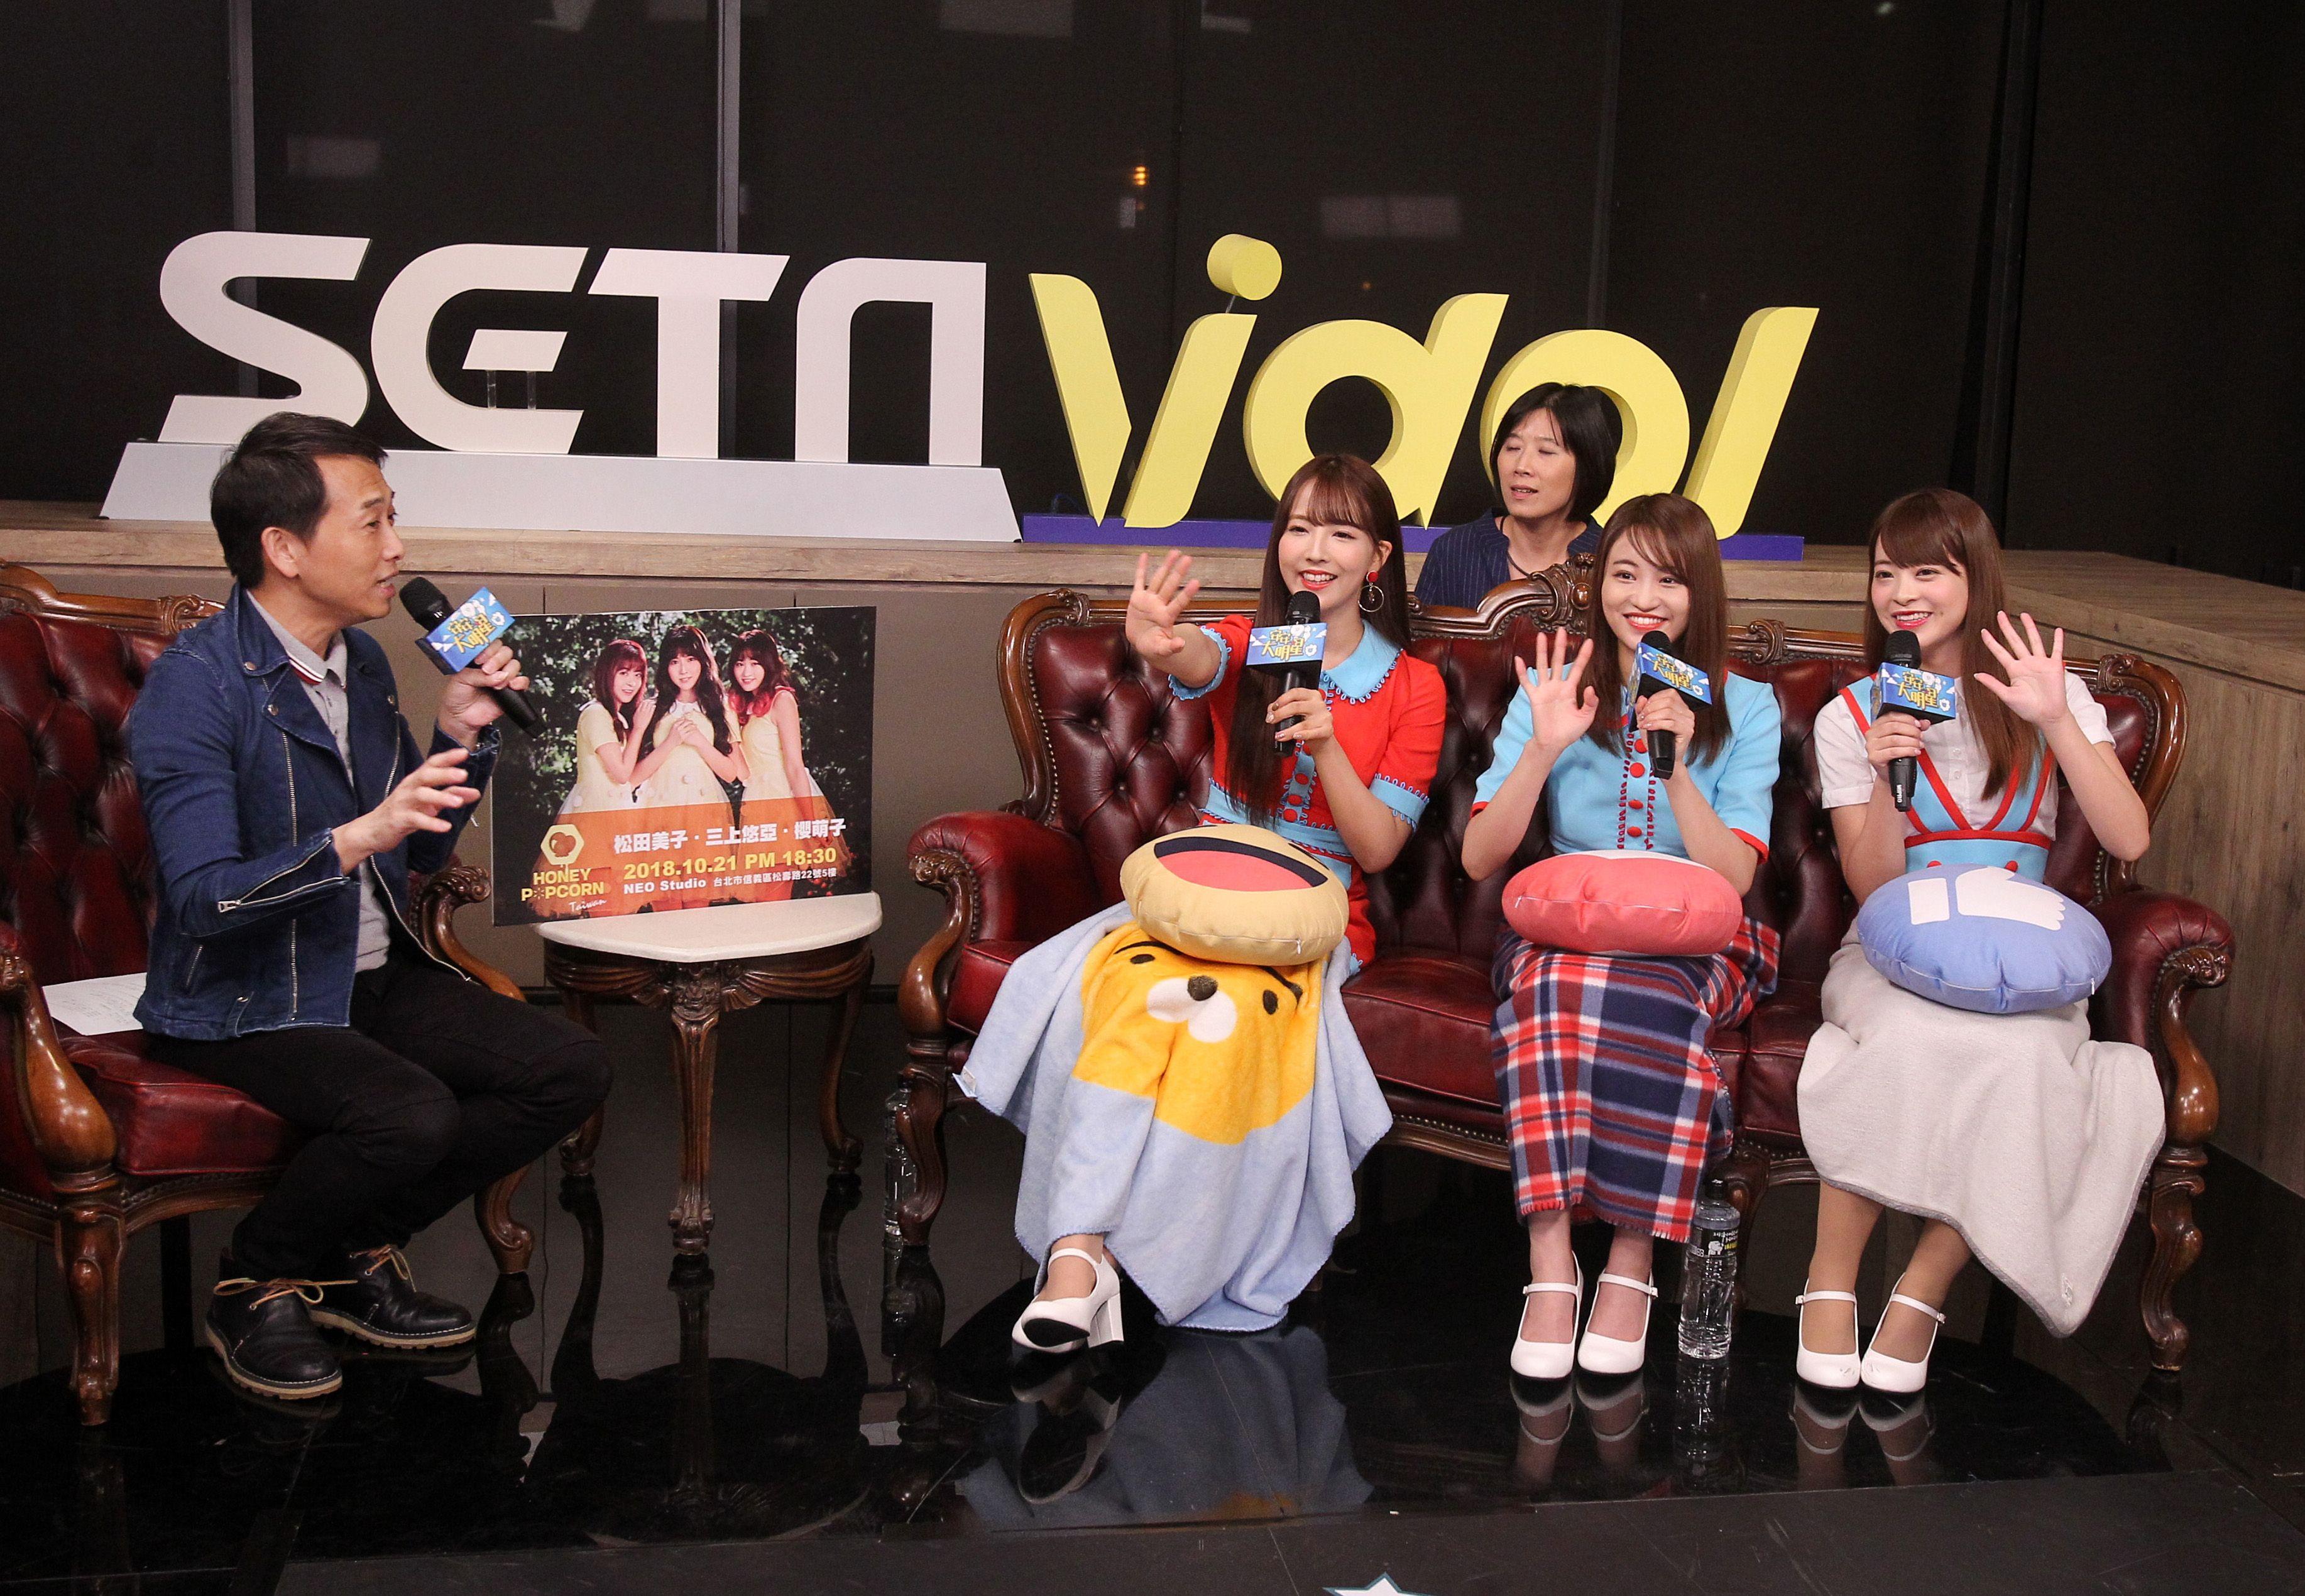 日本AV女優三上悠亞、松田美子、櫻萌子安安大明星。(記者邱榮吉/攝影)